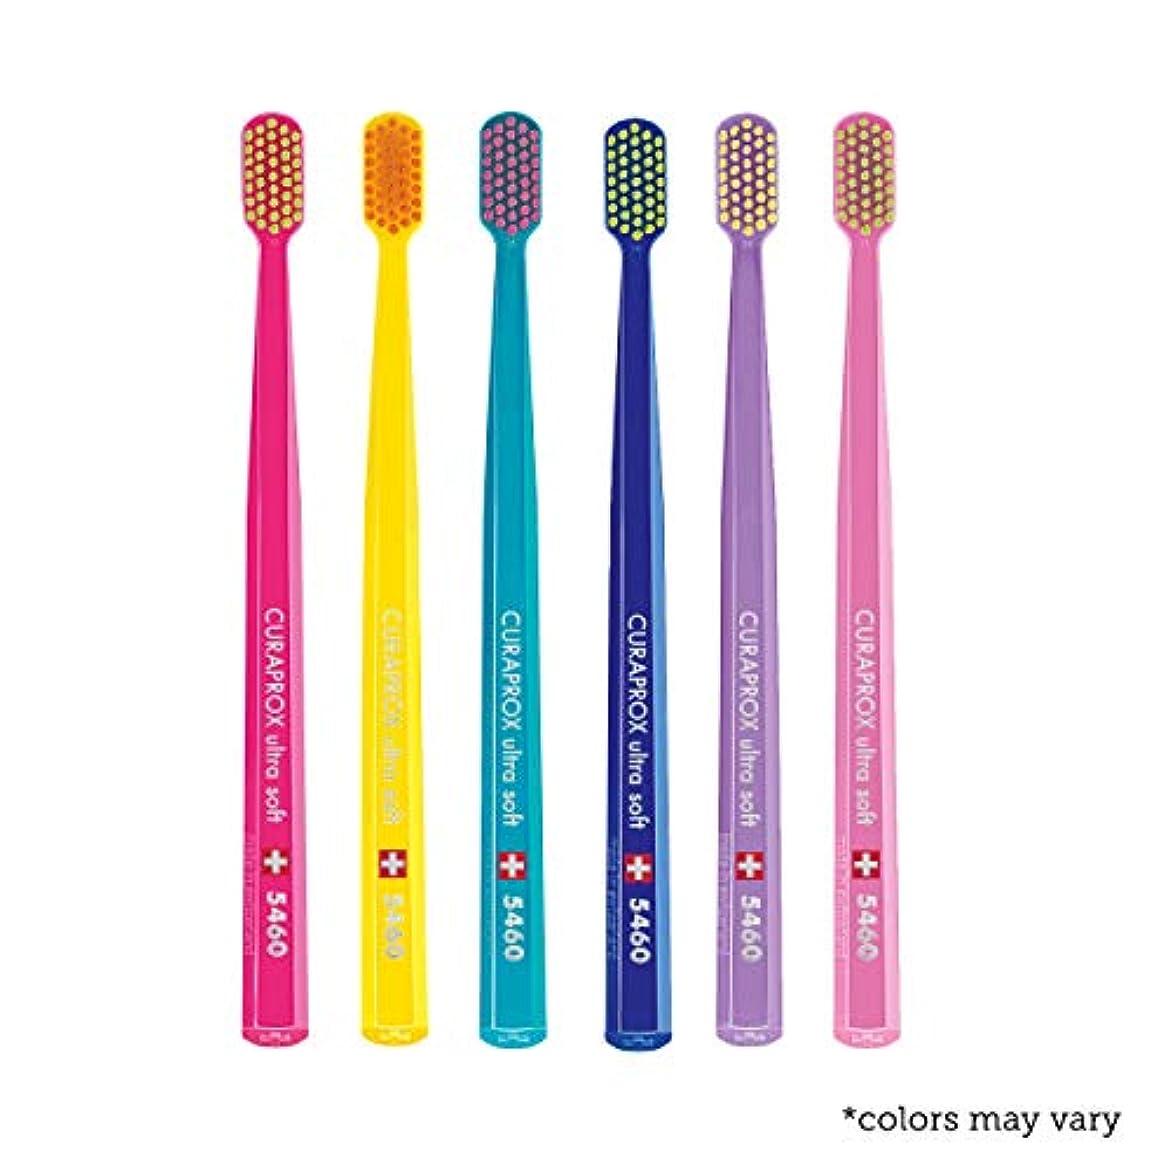 ヘッジ構成流行しているUltra soft toothbrush, 6 brushes, Curaprox Ultra Soft 5460. Softer feeling & better cleaning, in amazing vivid...